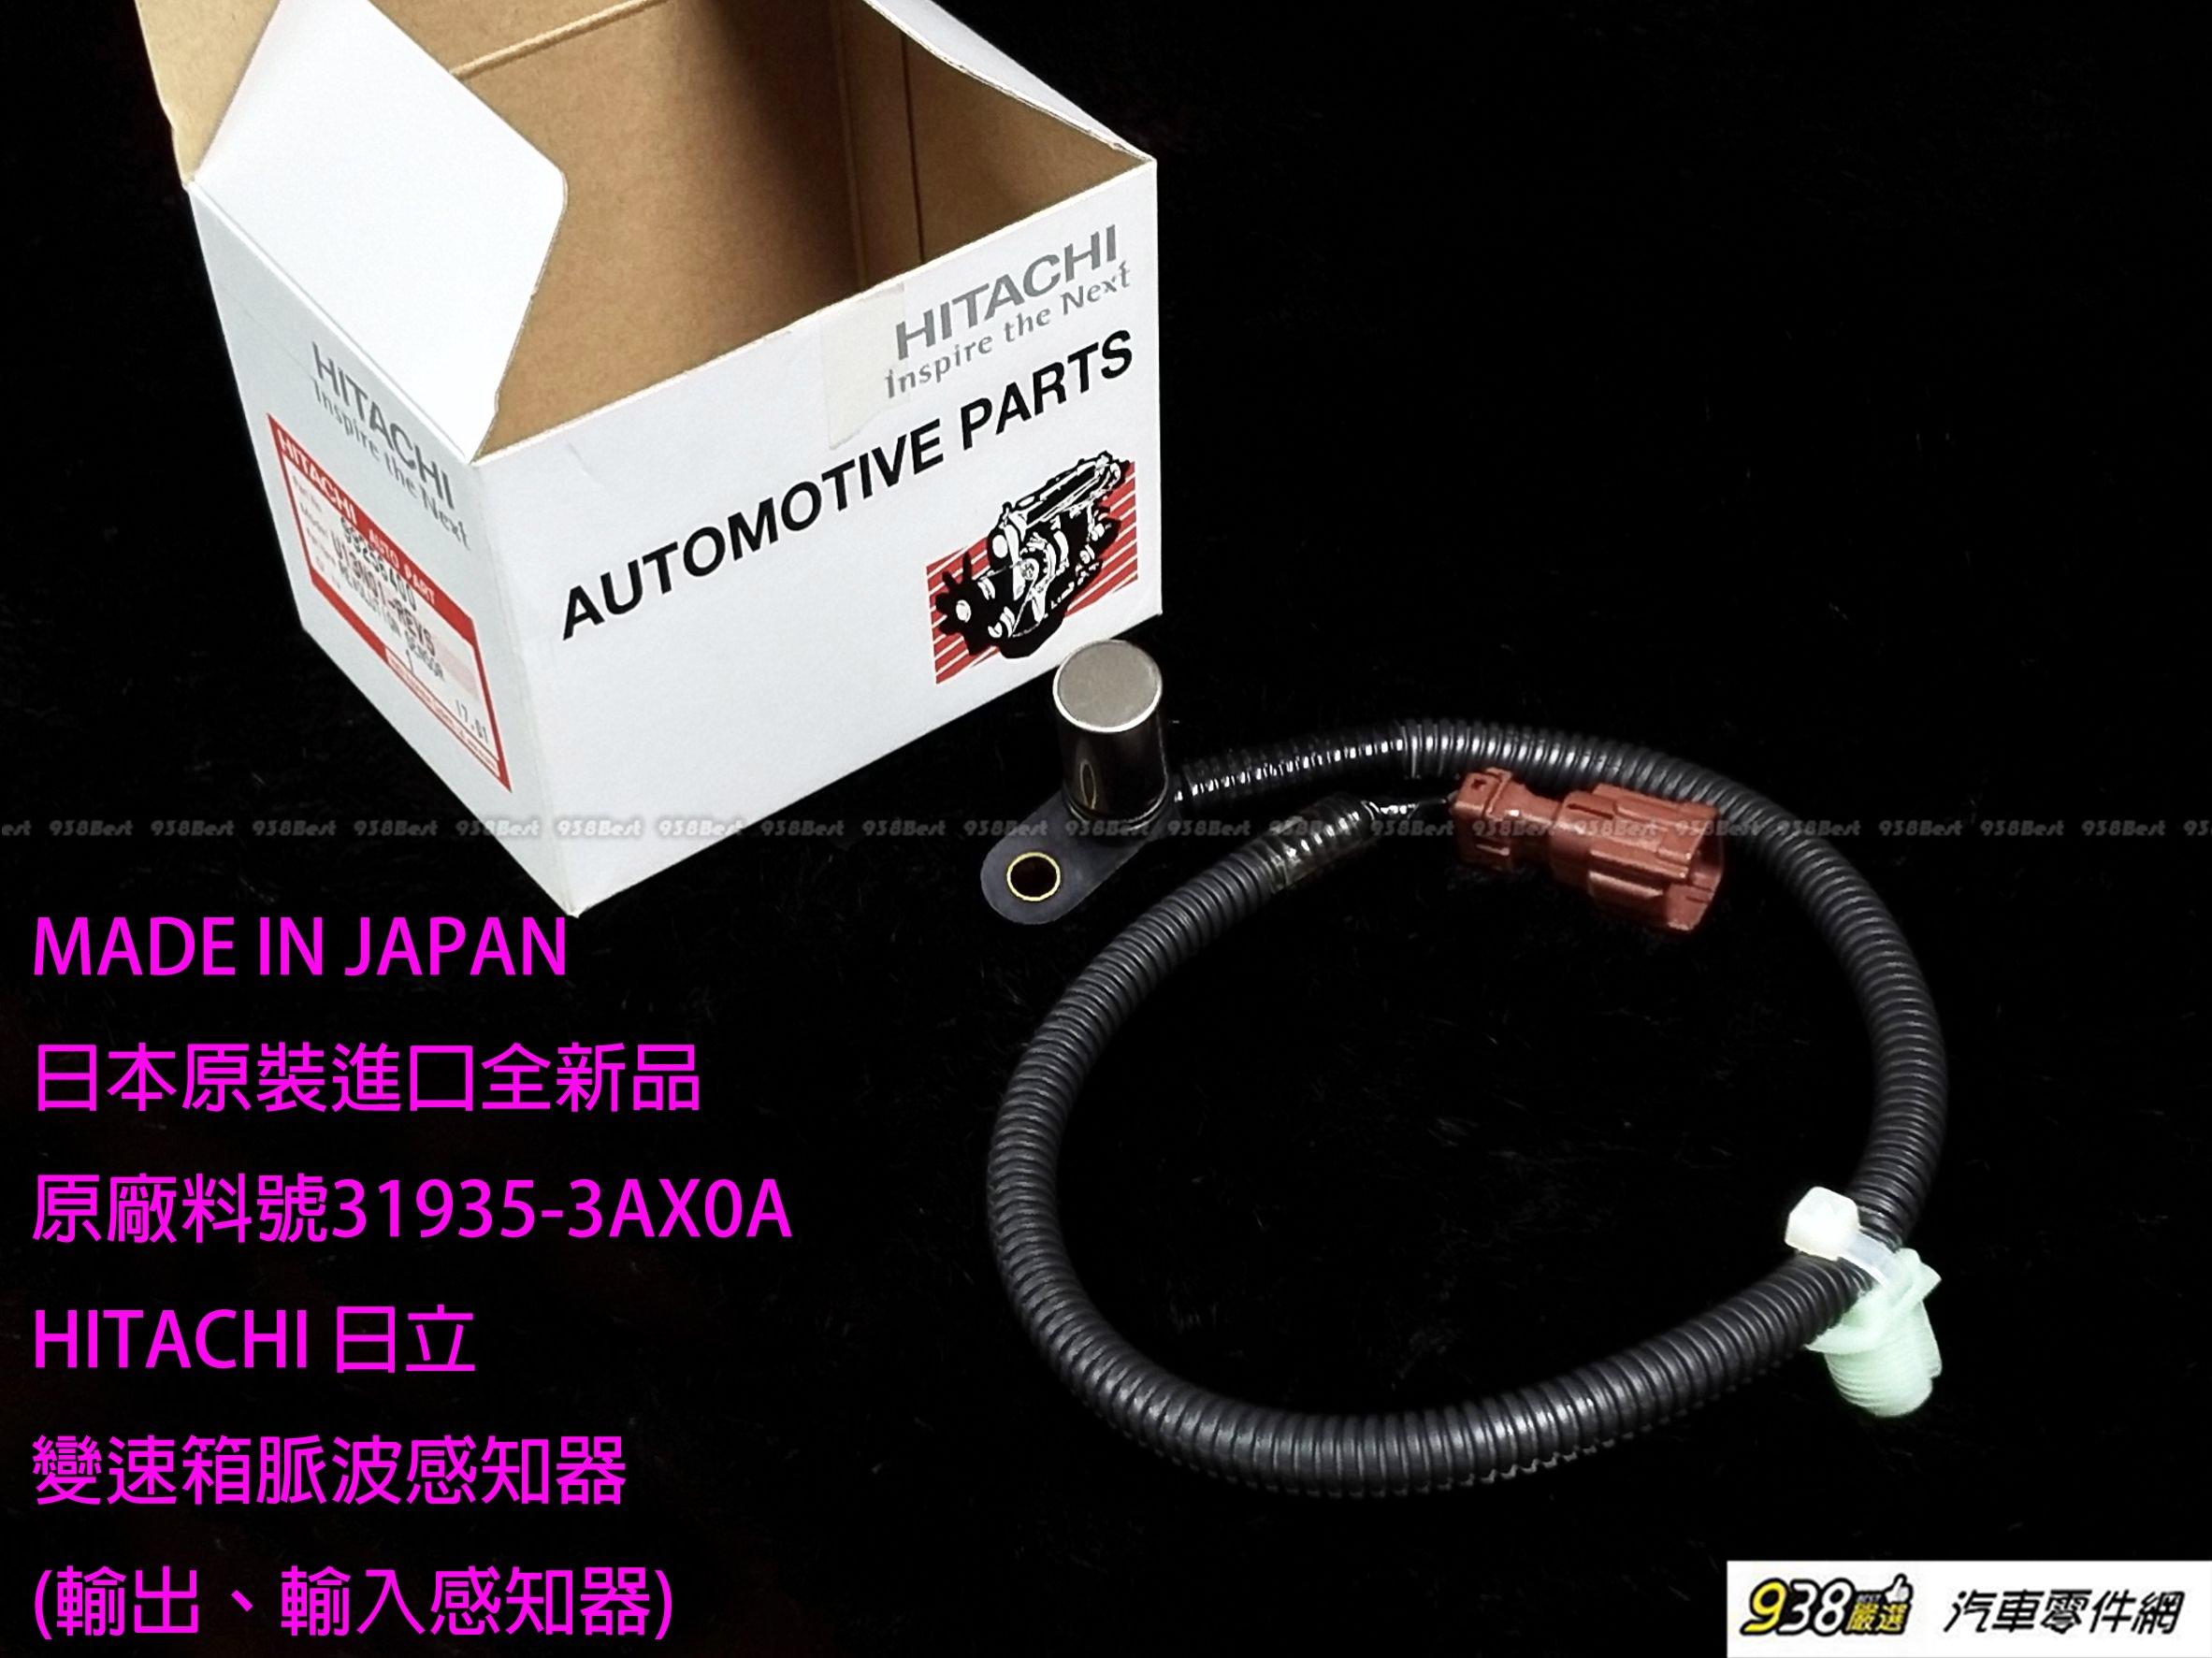 938嚴選 日本製 TIIDA SENTRA 180 N16 M1 變速箱感應器 變速箱感知器 脈波感知器感應器 路碼表